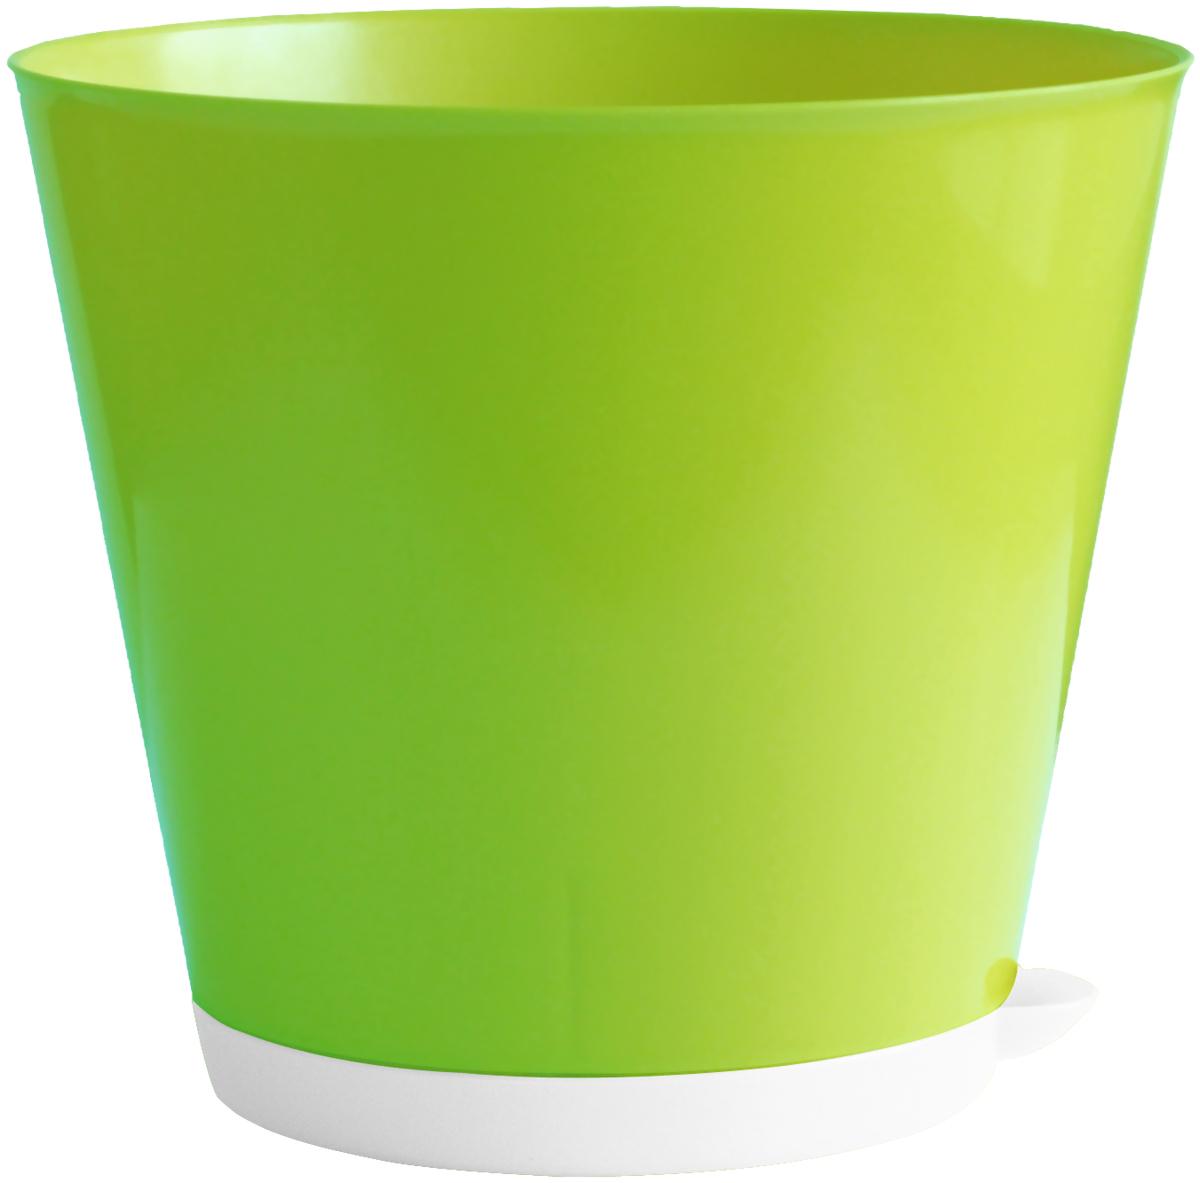 Горшок для цветов InGreen Крит, с системой прикорневого полива, цвет: зелено-желтый, диаметр 16 смZ-0307Горшок InGreen Крит, выполненный из высококачественного полипропилена (пластика), предназначен для выращивания комнатных цветов, растений и трав. Специальная конструкция обеспечивает вентиляцию в корневой системе растения, а дренажные отверстия позволяют выходить лишней влаге из почвы. Крепежные отверстия и штыри прочно крепят подставку к горшку. Прикорневой полив растения осуществляется через удобный носик. Система прикорневого полива позволяет оставлять комнатное растение без внимания тем, кто часто находится в командировках или собирается в отпуск и не имеет возможности вовремя поливать цветы.Такой горшок порадует вас современным дизайном и функциональностью, а также оригинально украсит интерьер любого помещения. Объем горшка: 1,8 л.Диаметр горшка (по верхнему краю): 16 см.Высота горшка: 14,7 см.